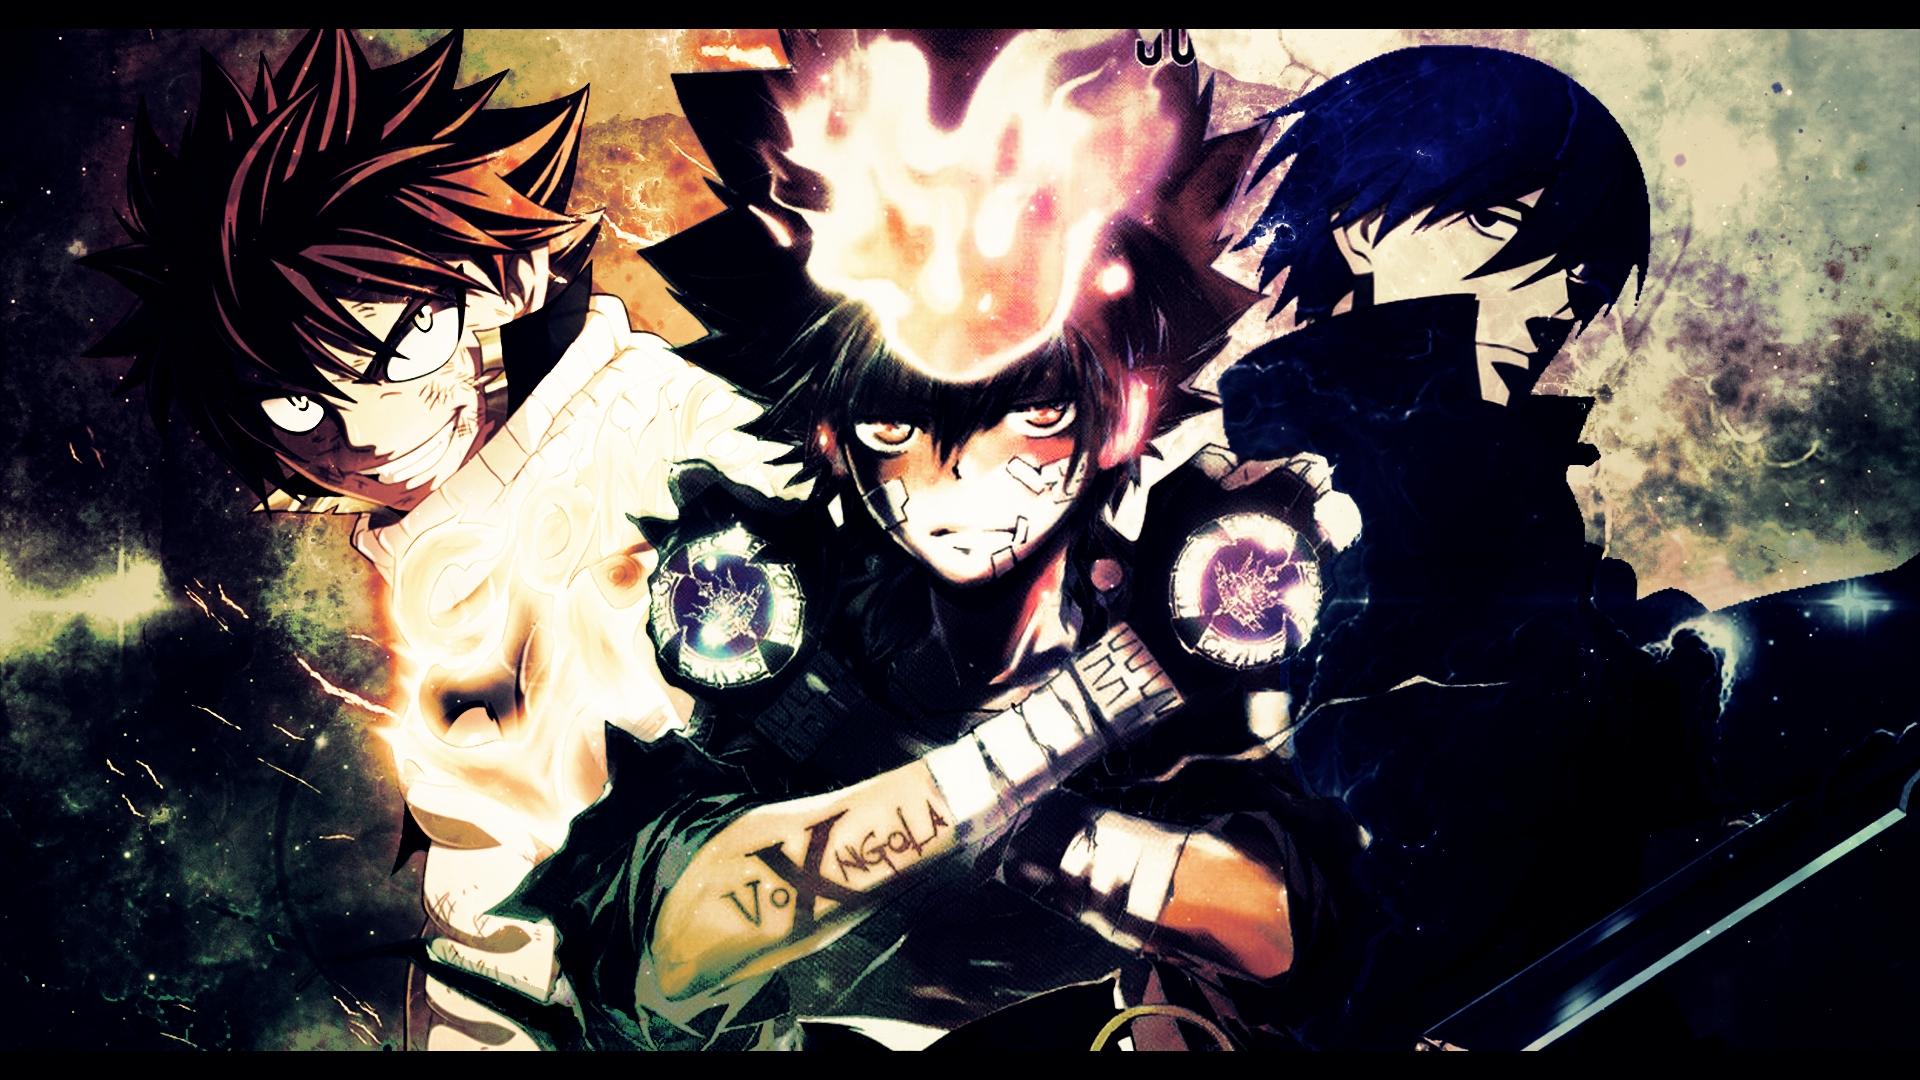 Best Anime Picture Wallpaper Wallpaper Wallpaperlepi X